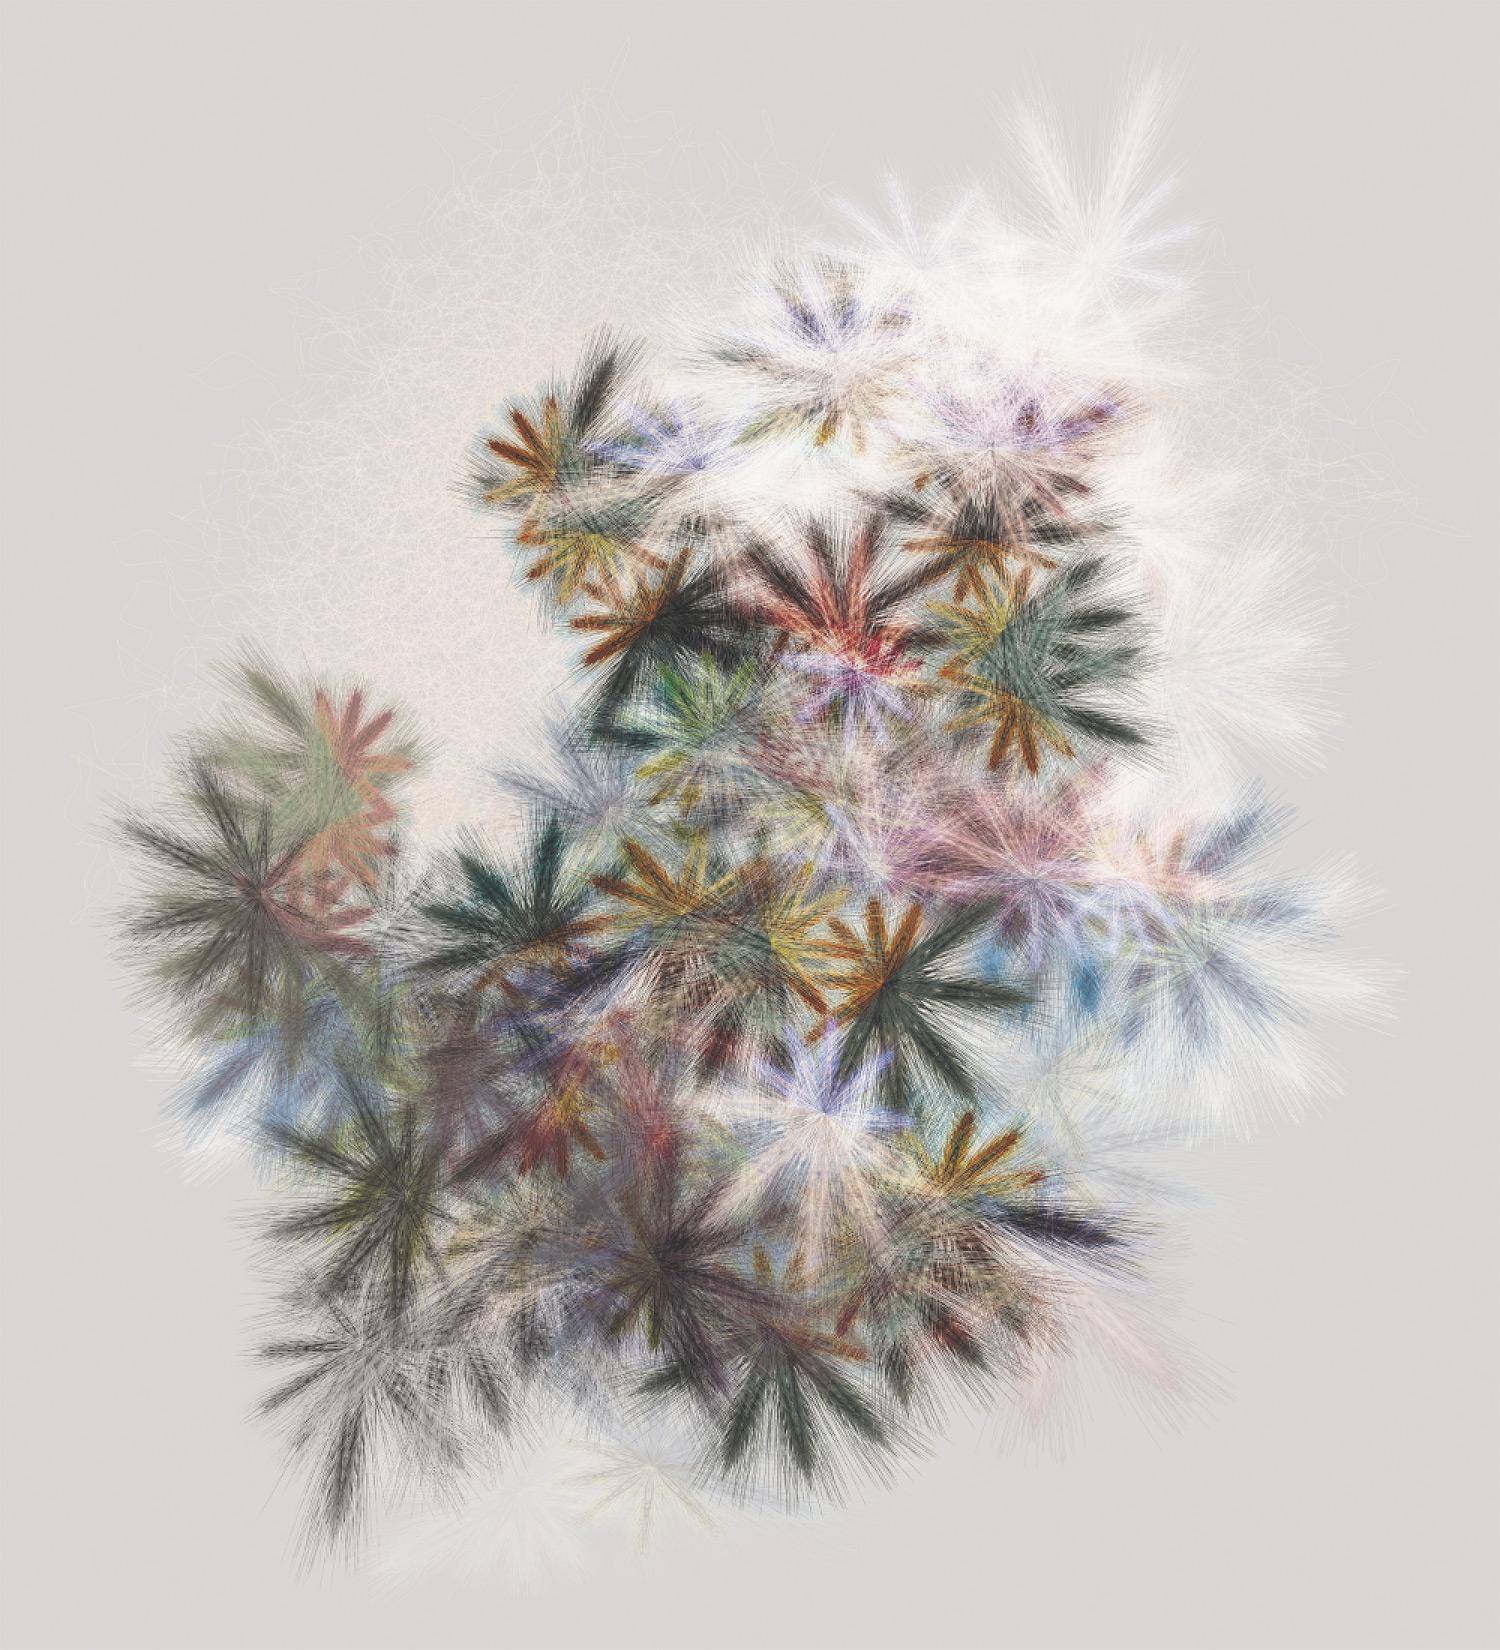 Fertile Crescent - Wild Wheat #1 by Jeff Gwegan